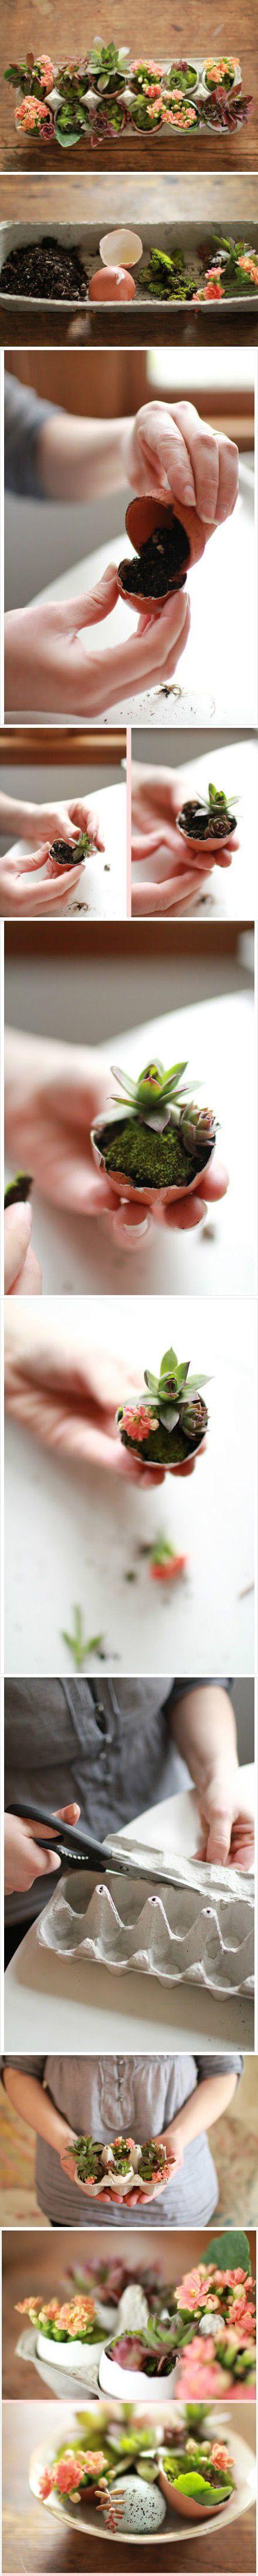 Mini Garden in Eggshells   iCreativeIdeas.com Follow Us on Facebook --> https://www.facebook.com/icreativeideas